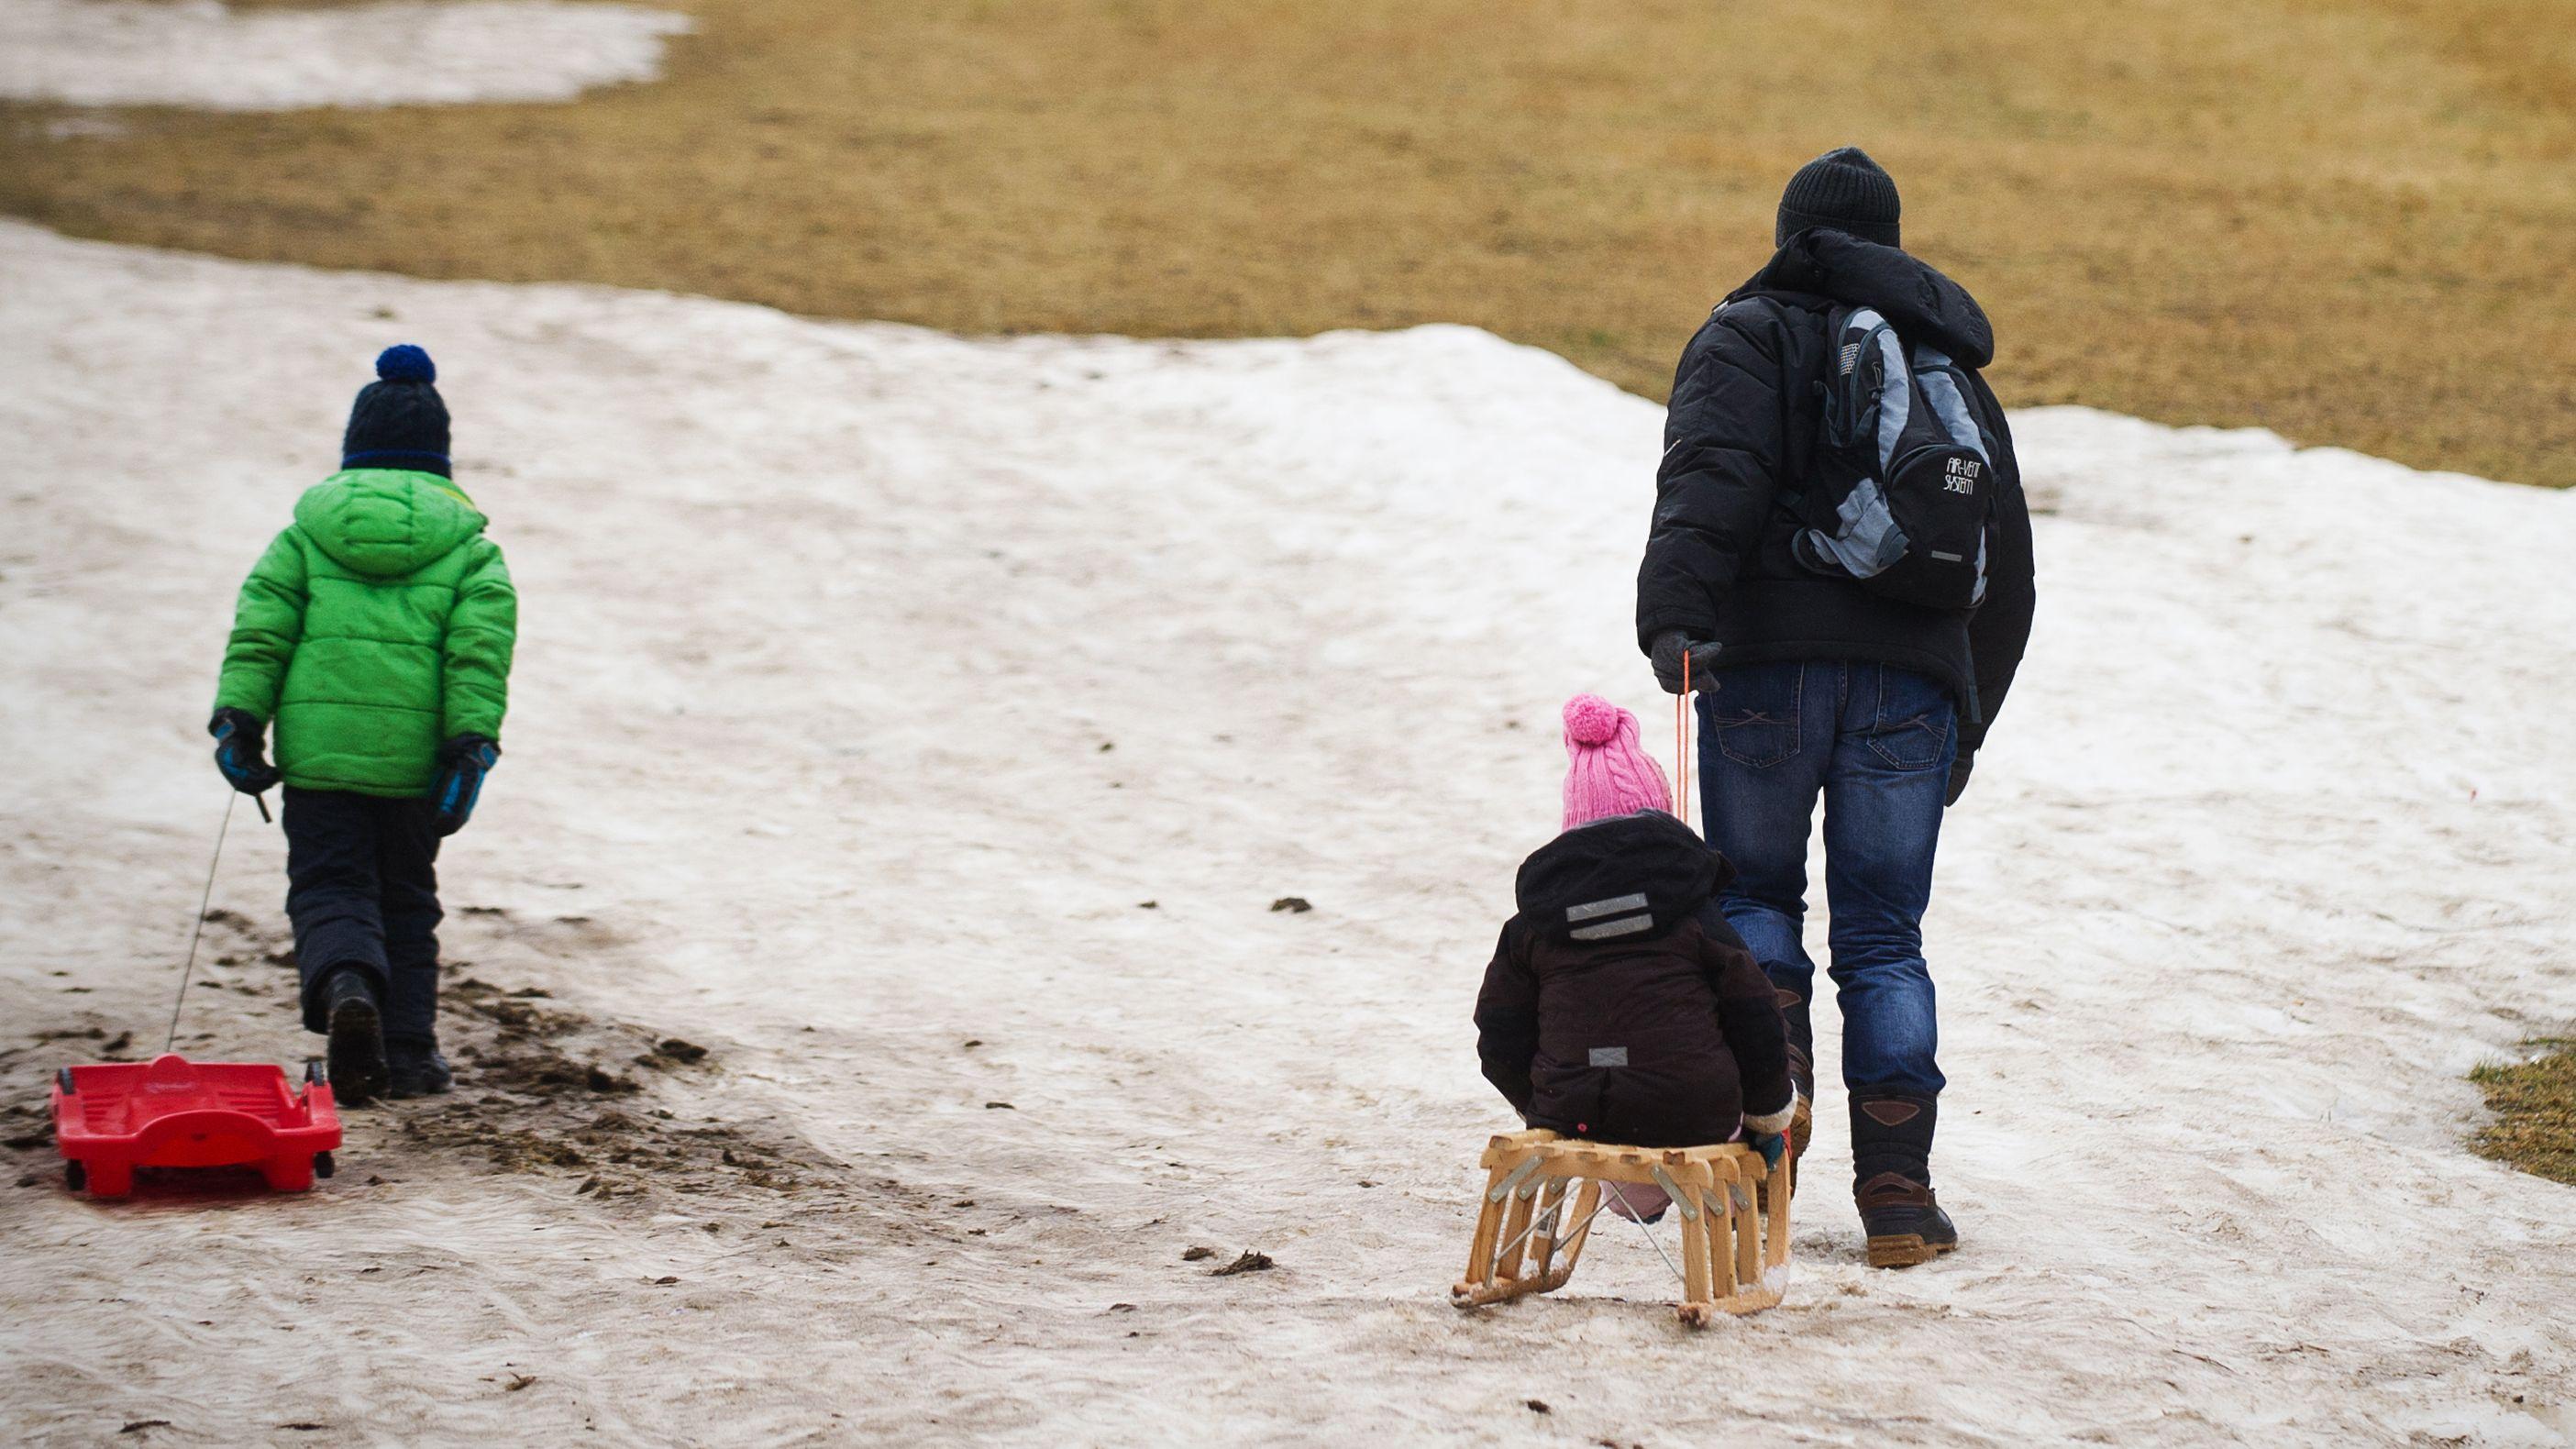 Familie beim Schlittenfahren, nur ein Teil des Berges ist mit Schnee bedeckt